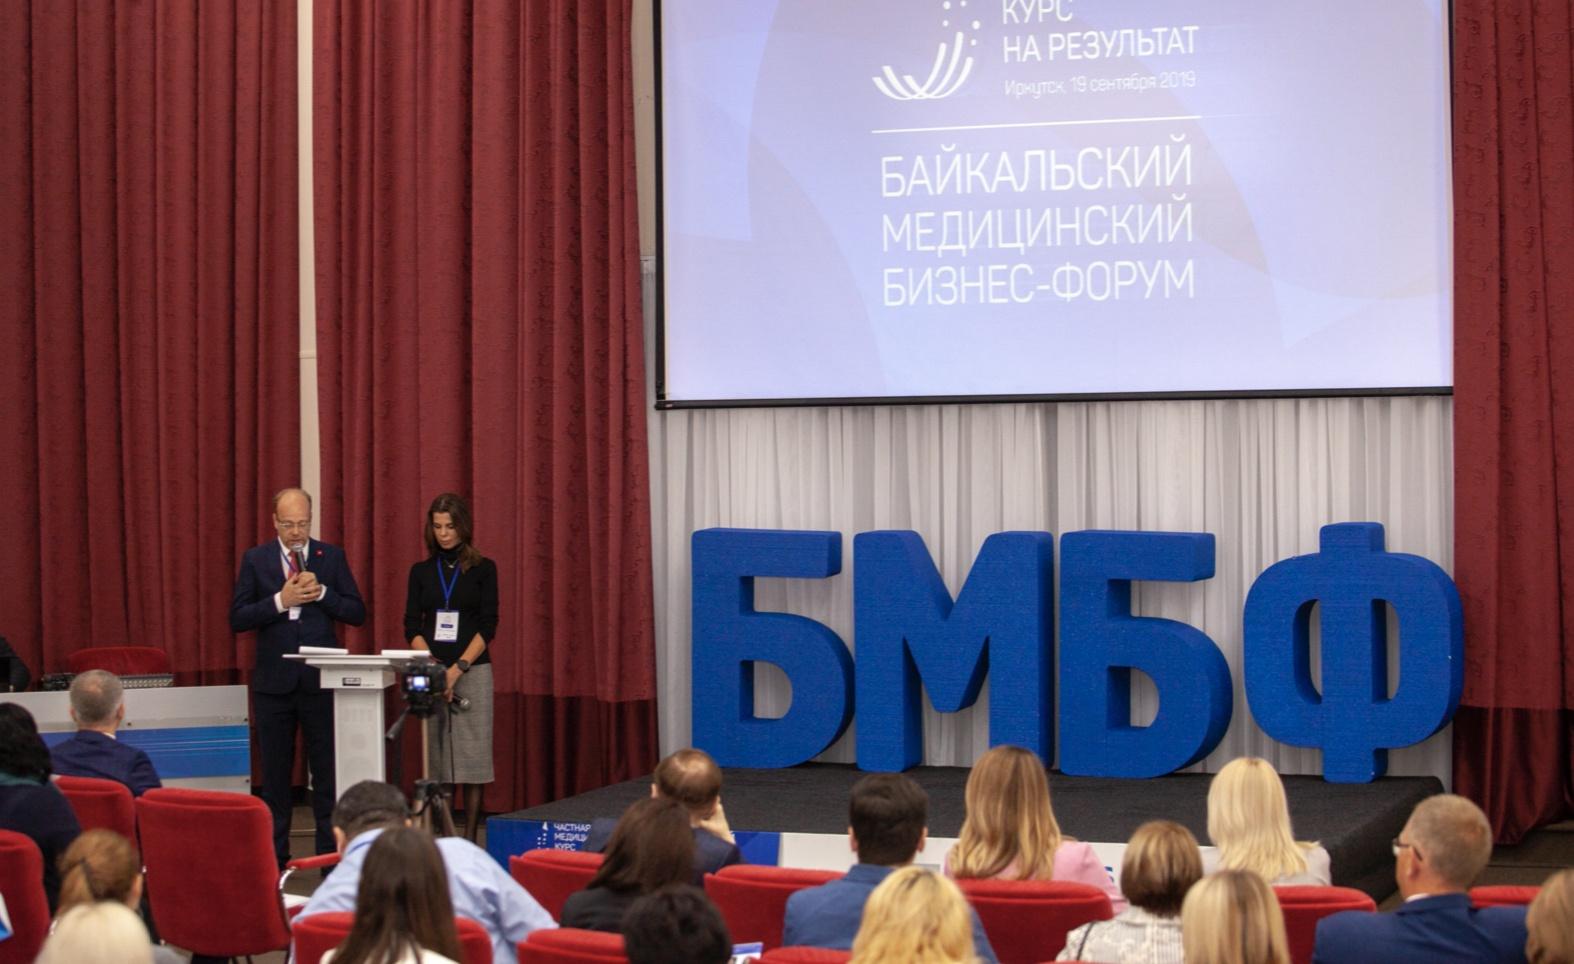 Байкальский медицинский форум